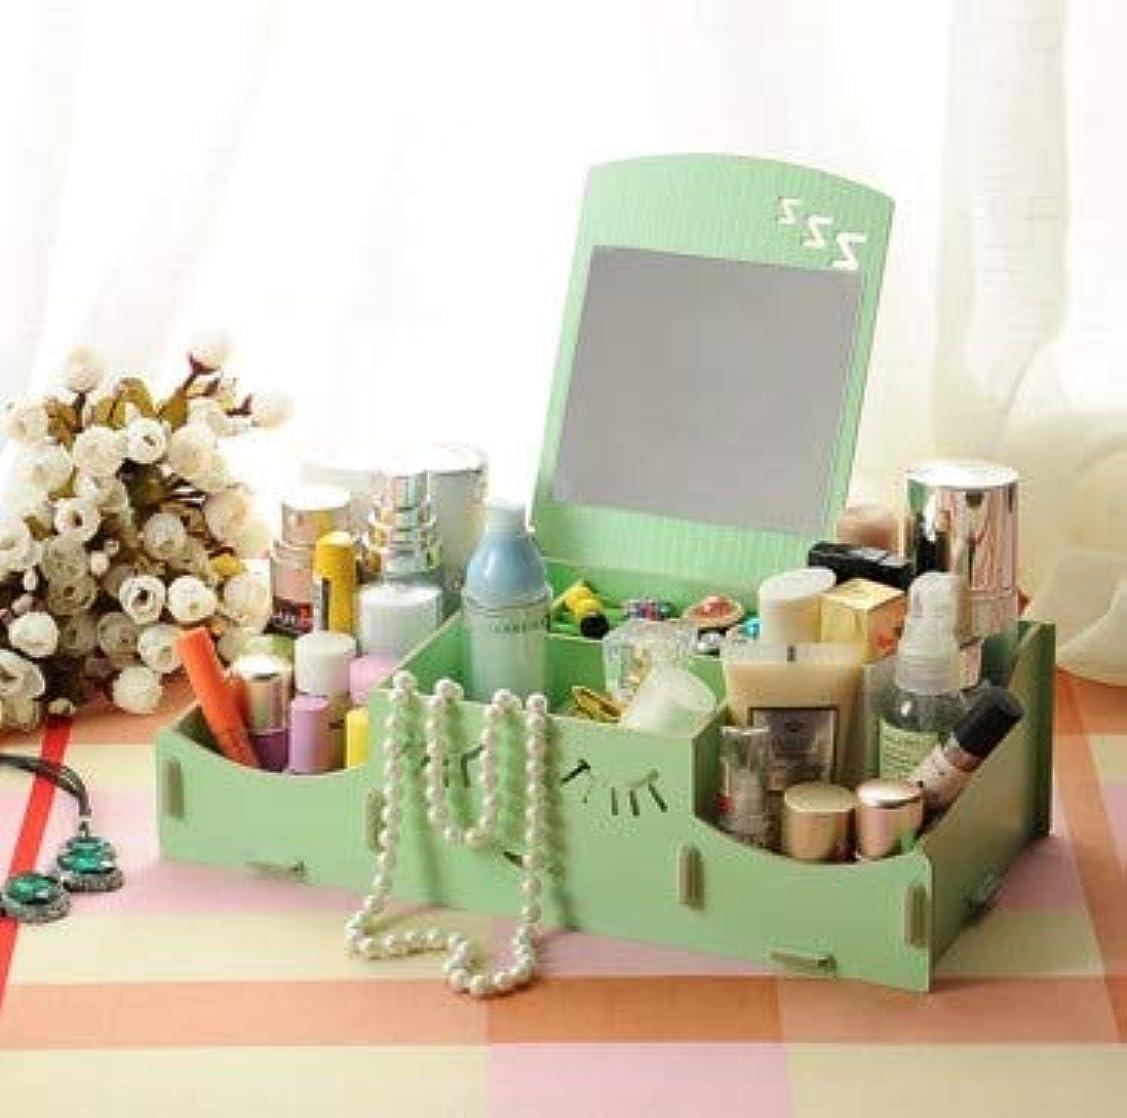 ピアース草カプラースマイリー木製クリエイティブ収納ボックス手作りデスクトップミラー化粧品収納ボックス化粧品収納ボックス (Color : グリンー)